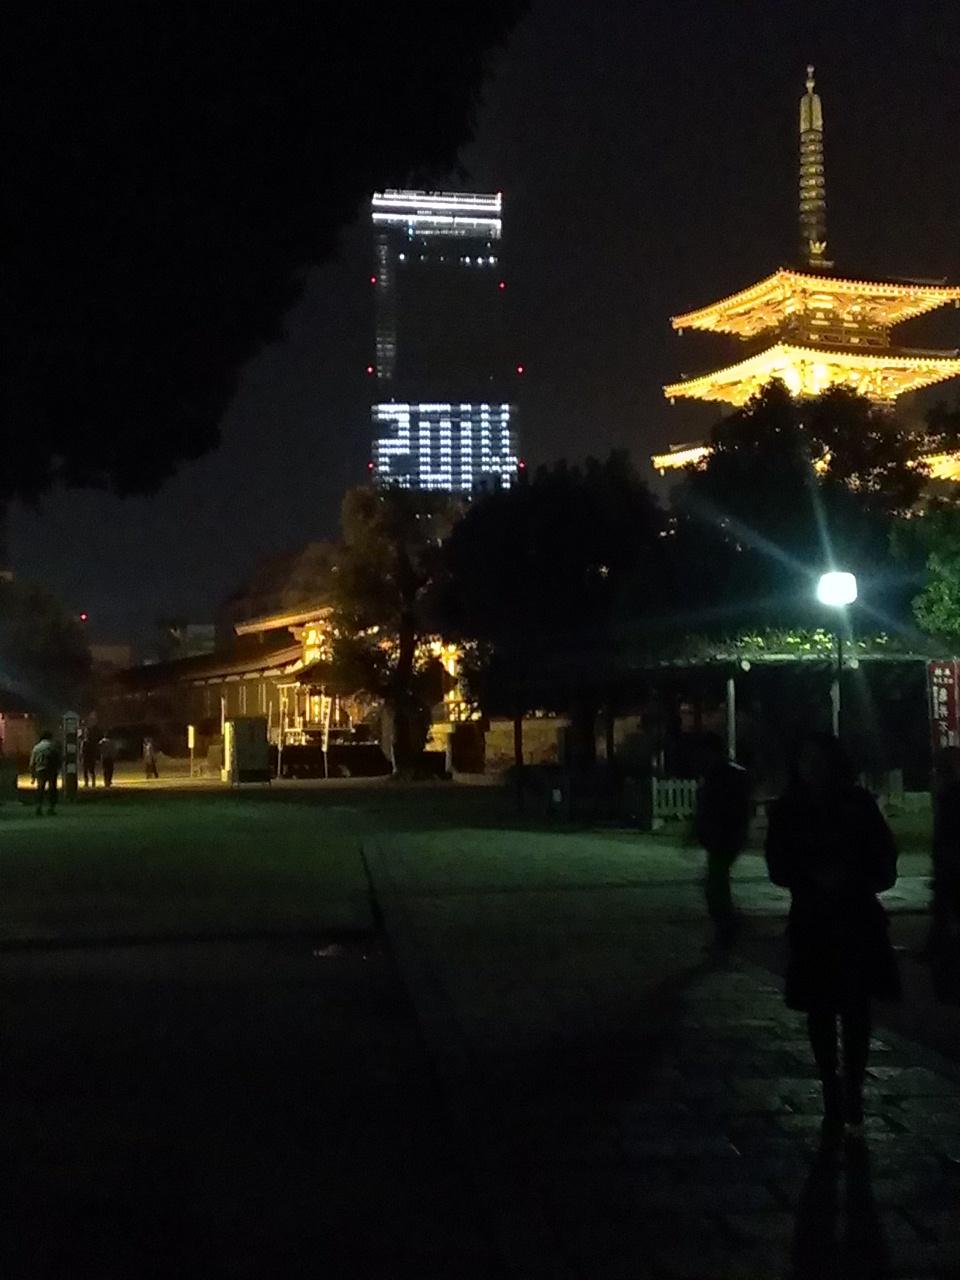 四天王寺さんの除夜の鐘 ハルカス誕生の年の暮れ。2014が見える。五重塔はライトアップ。